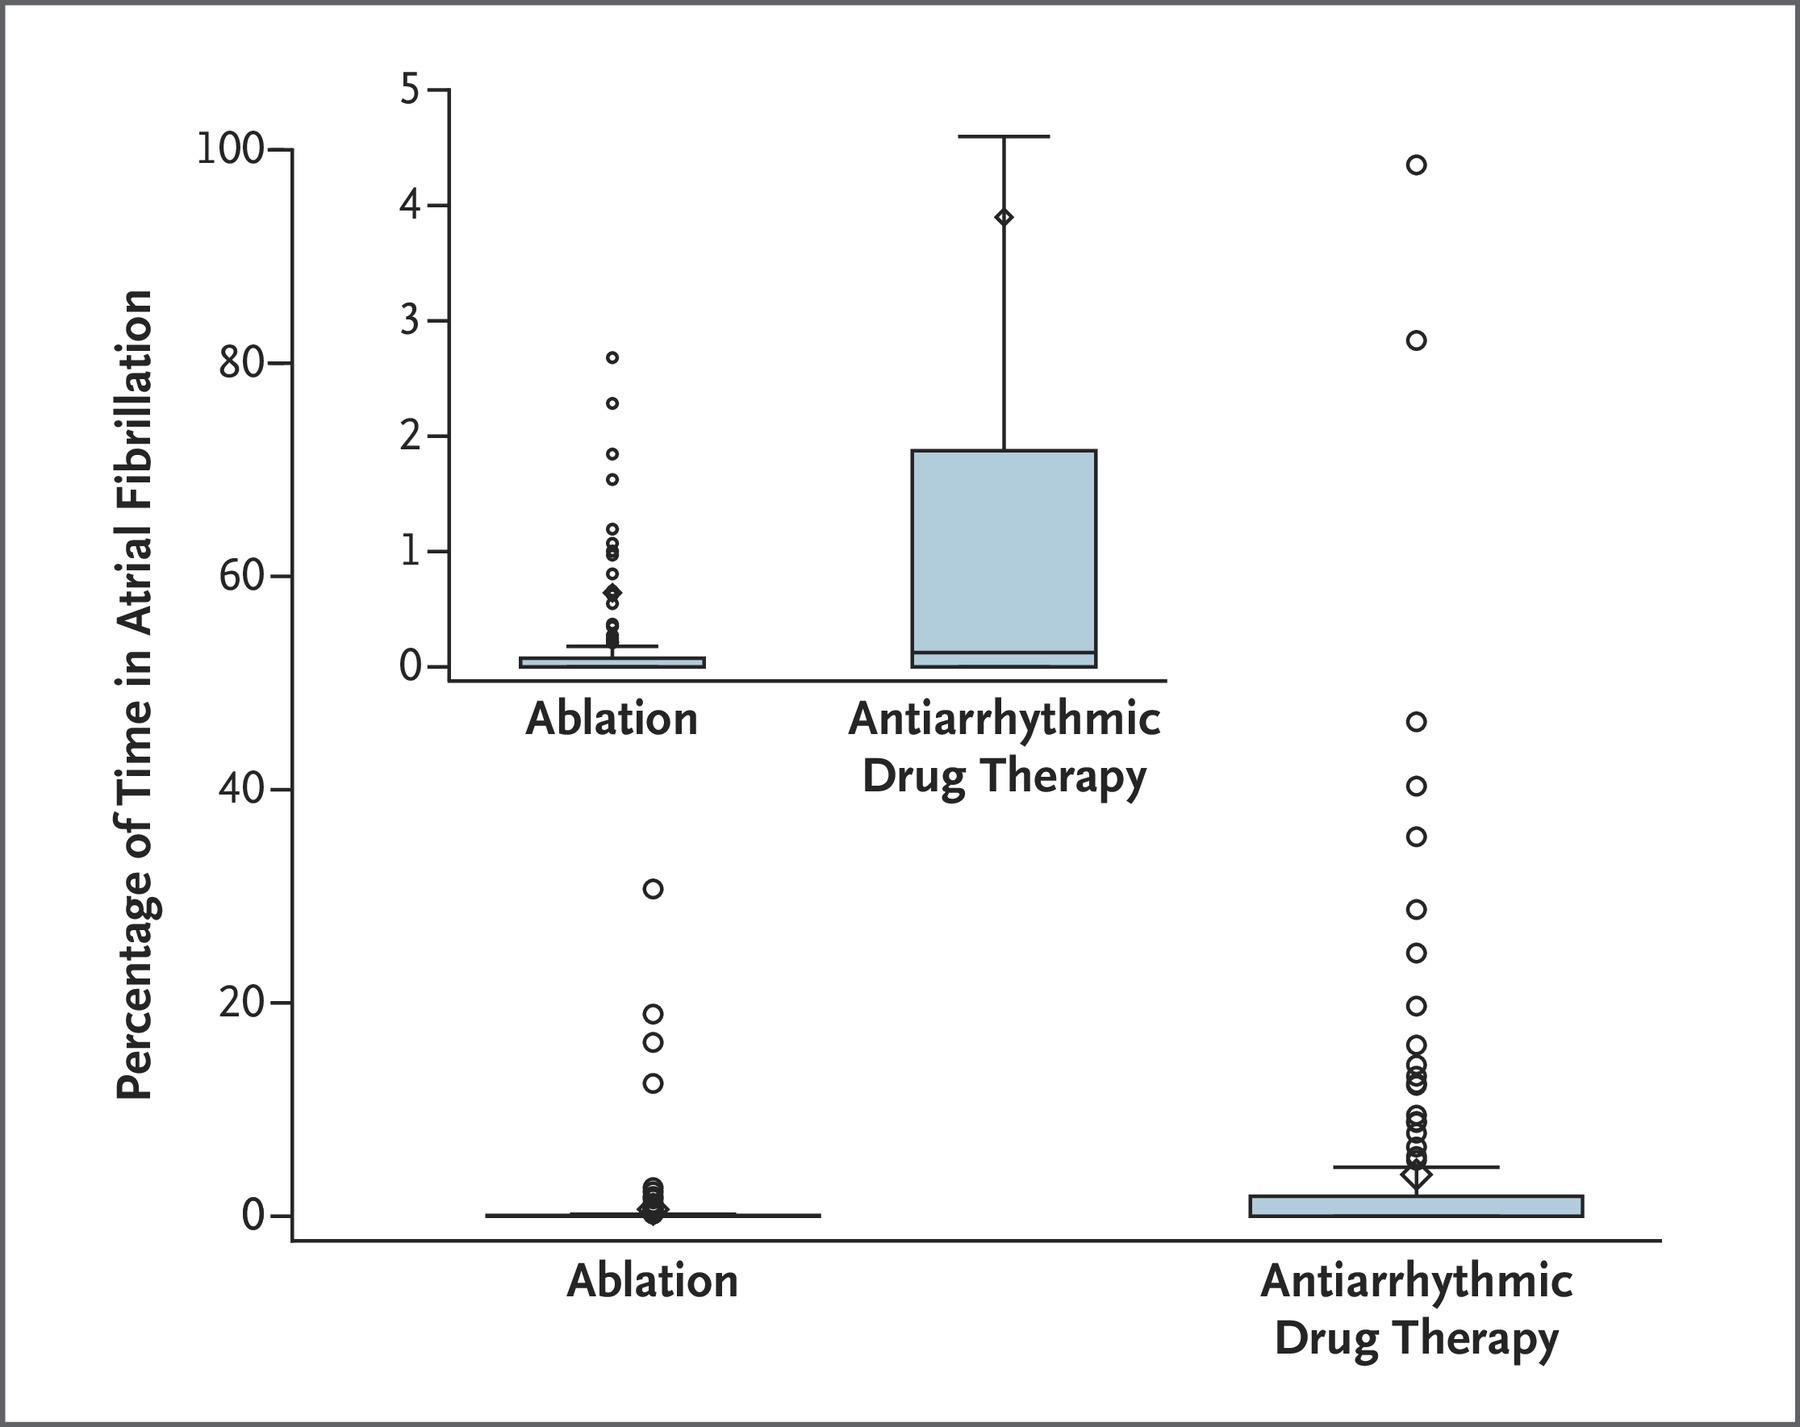 クライオバルーンアブレーションの発作性心房細動第一選択治療としての有効性安全性を示す2つの論文:NEJMより_a0119856_07305850.jpeg